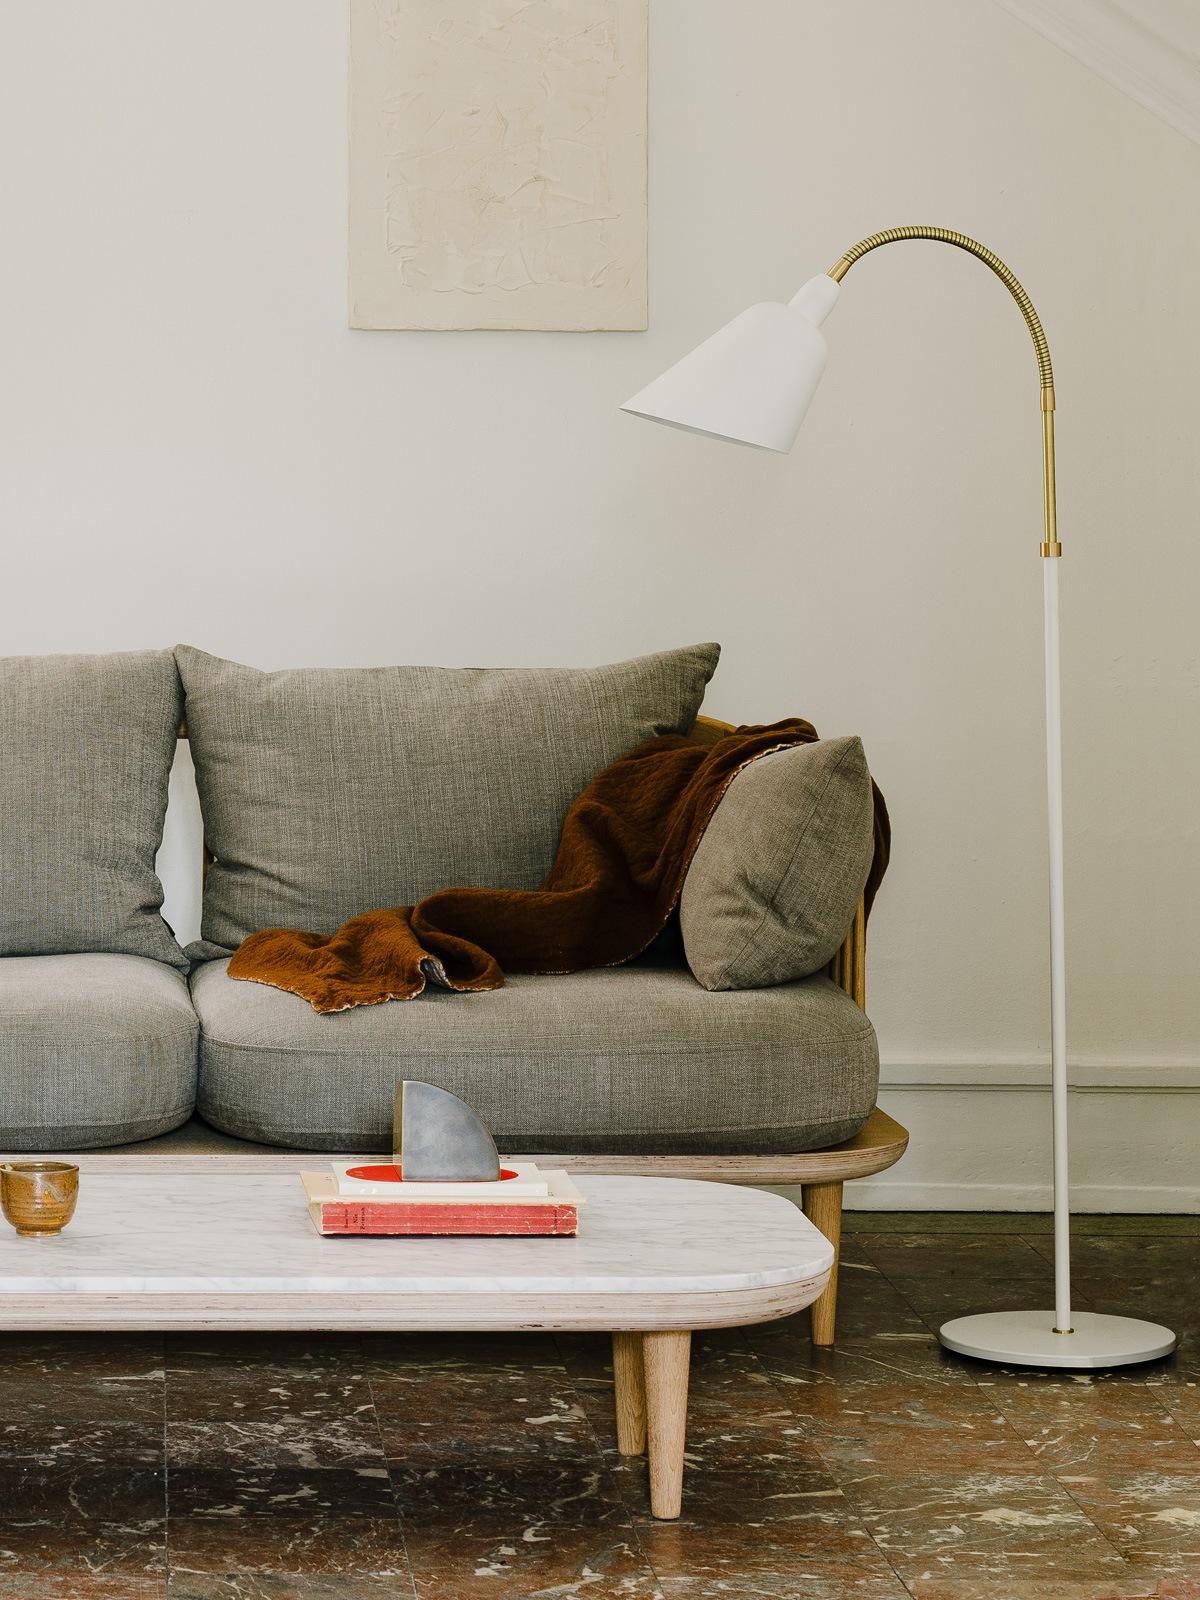 Bellevue Stehleuchte DesignOrt Onlineshop Lampen Berlin